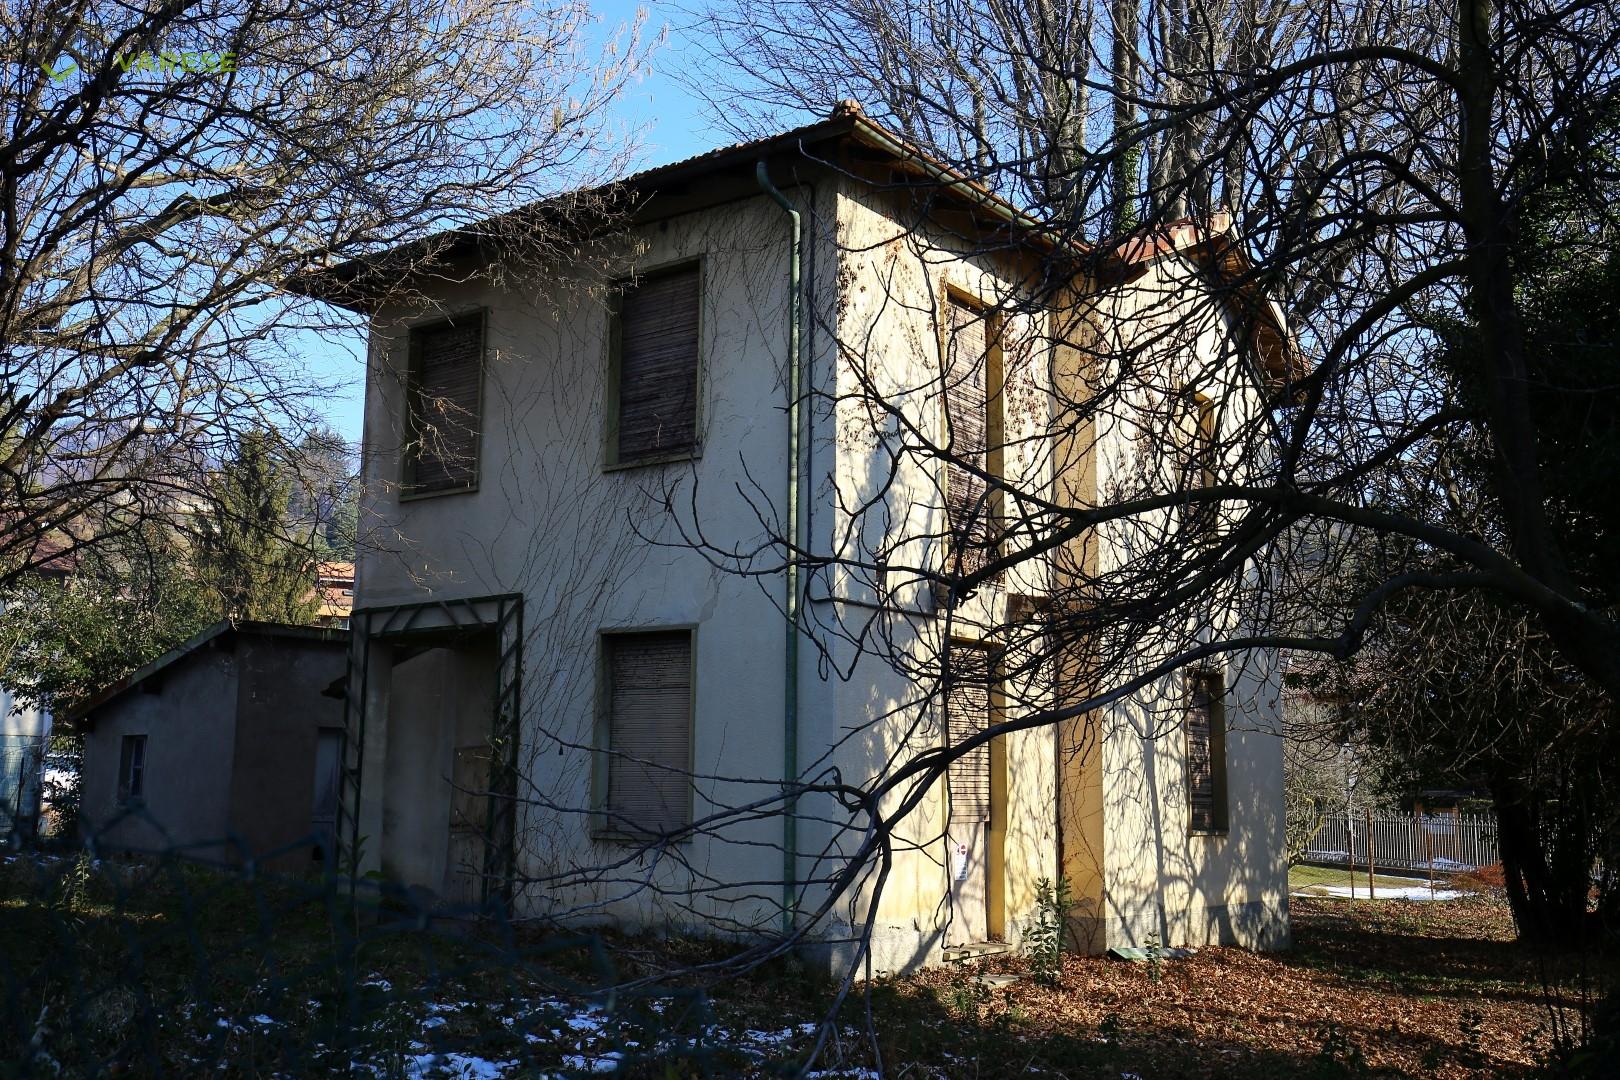 Villa in vendita a Luvinate, 3 locali, prezzo € 200.000 | CambioCasa.it